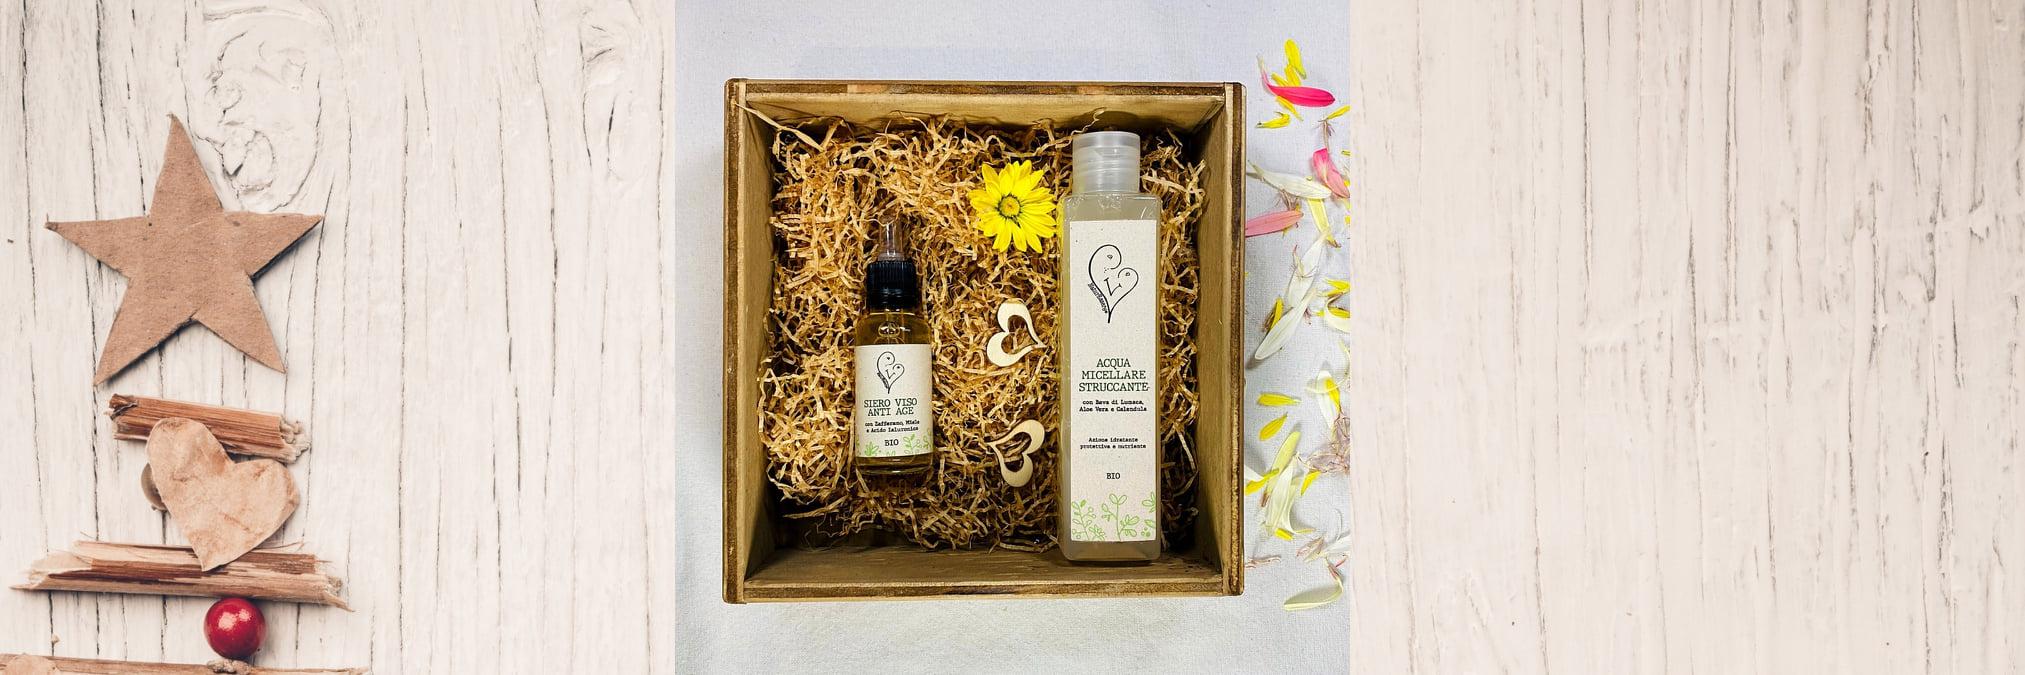 confezioni-box-regalo-legno-cosmetici-ecobio